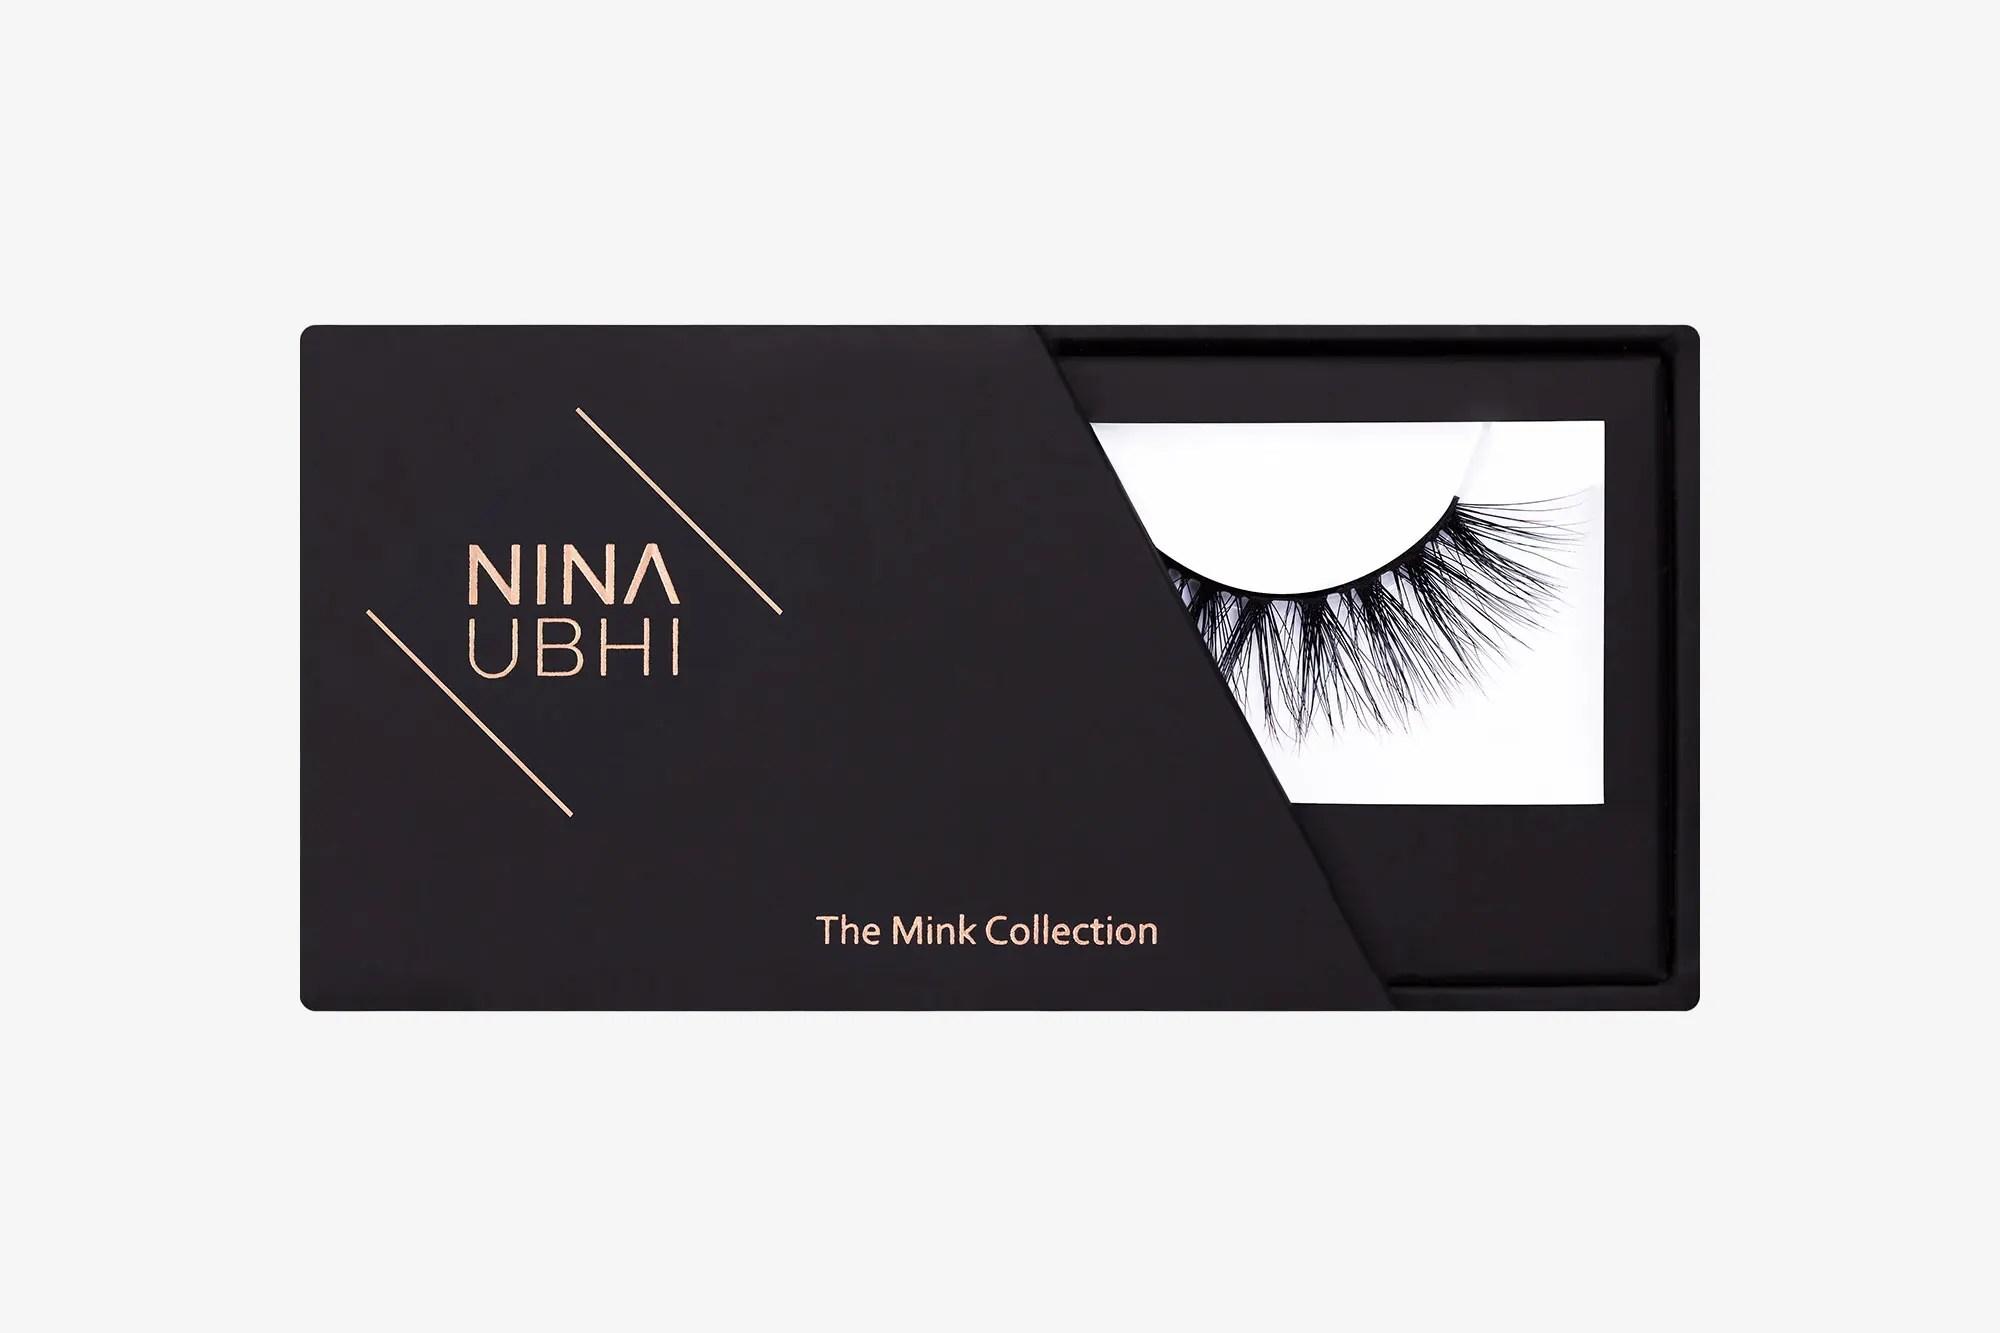 Nina Mink Lashes, false eyelashes in a Nina Ubhi branded box